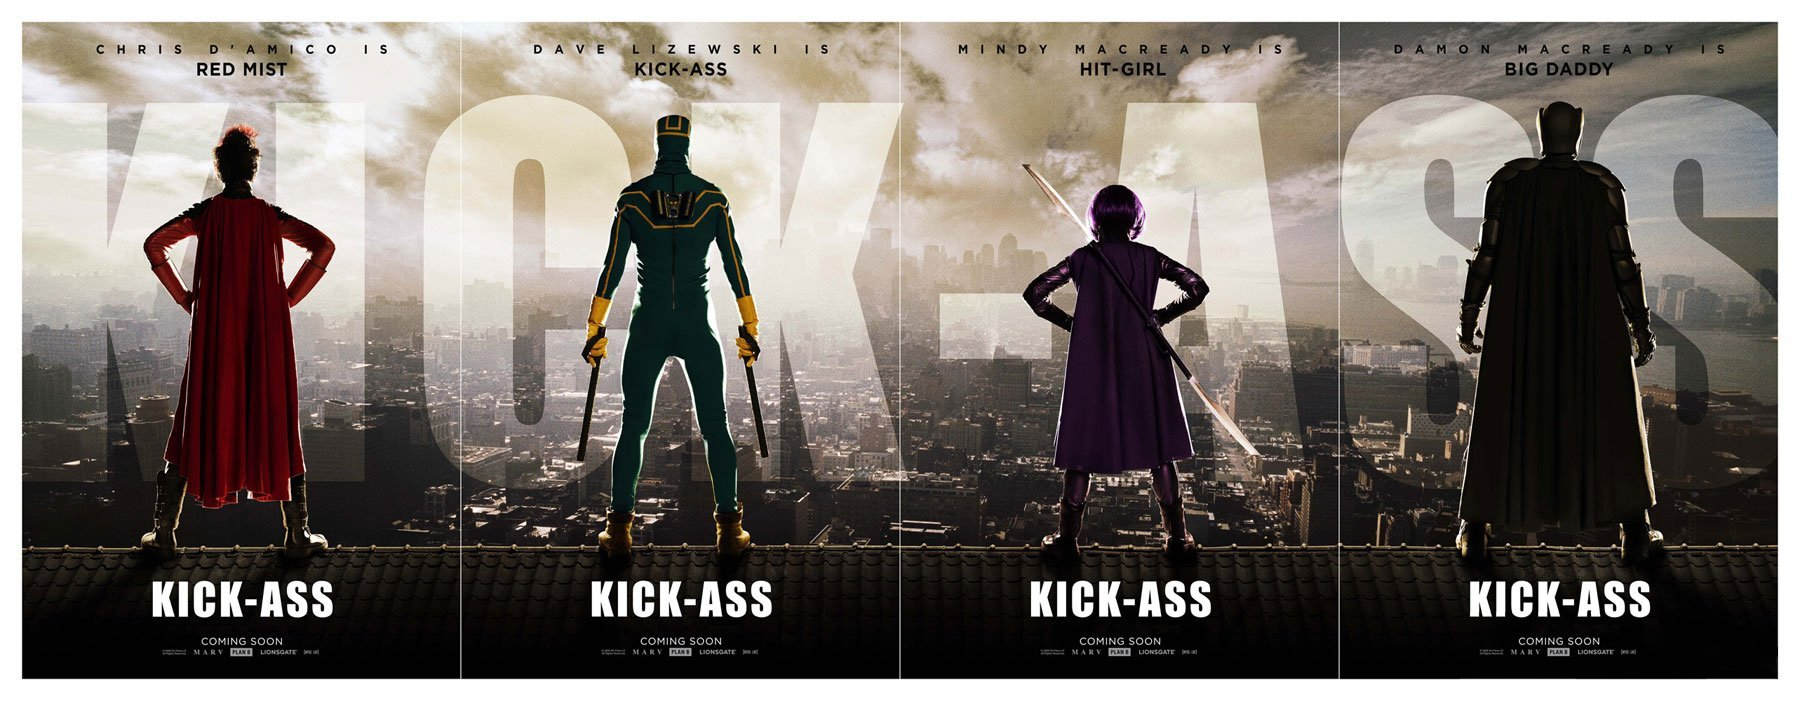 Ass 03 kick